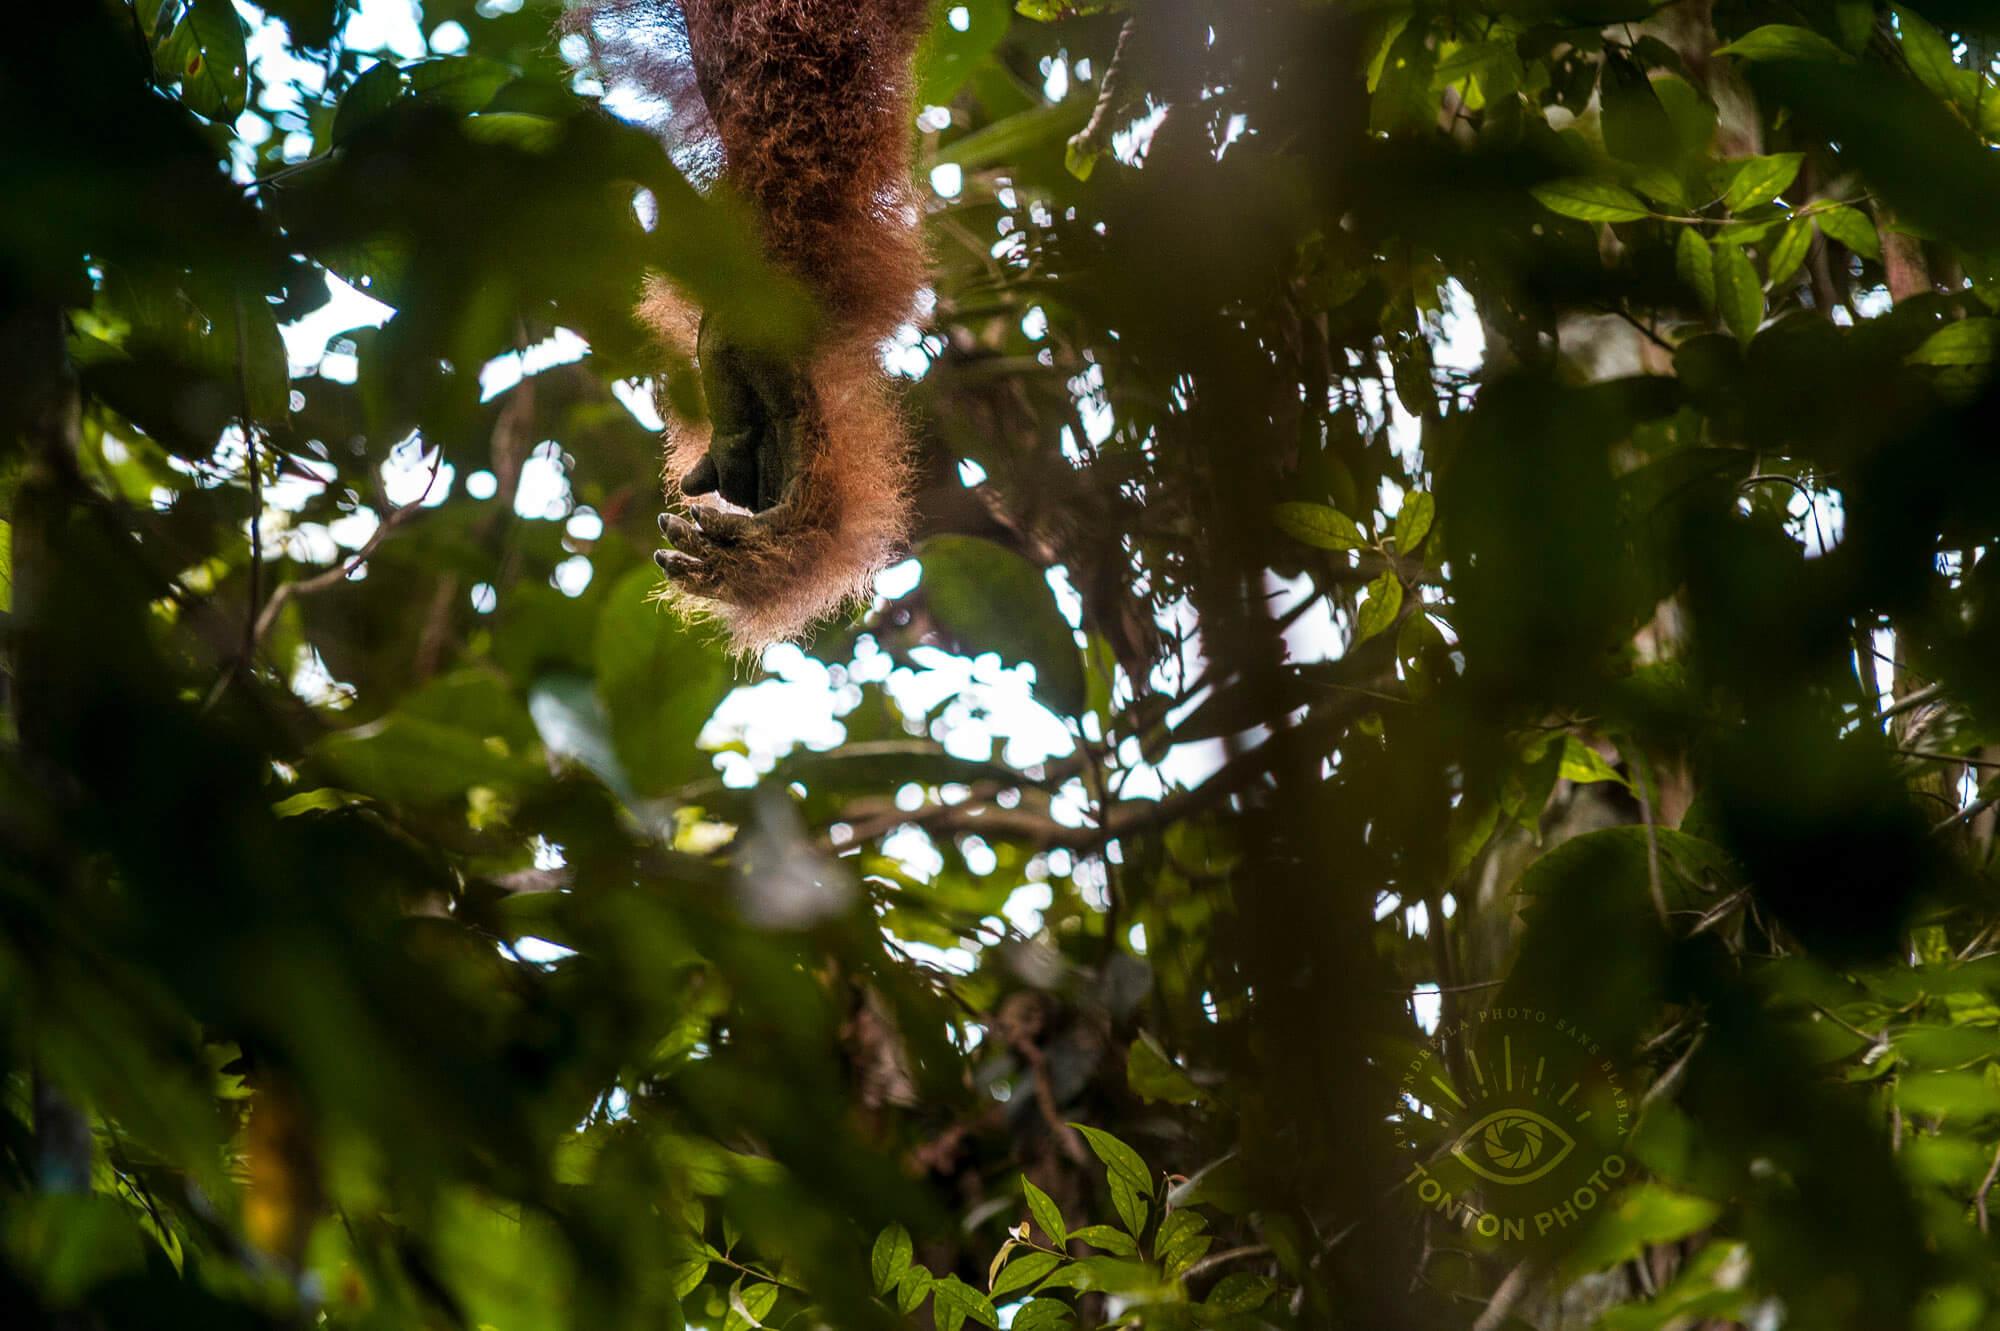 Le bras d'un mâle dominant dépasse dans les feuillages. Orang-outan de Bukit Lawang, Sumatra, Indonésie © Clément Racineux / Tonton Photo